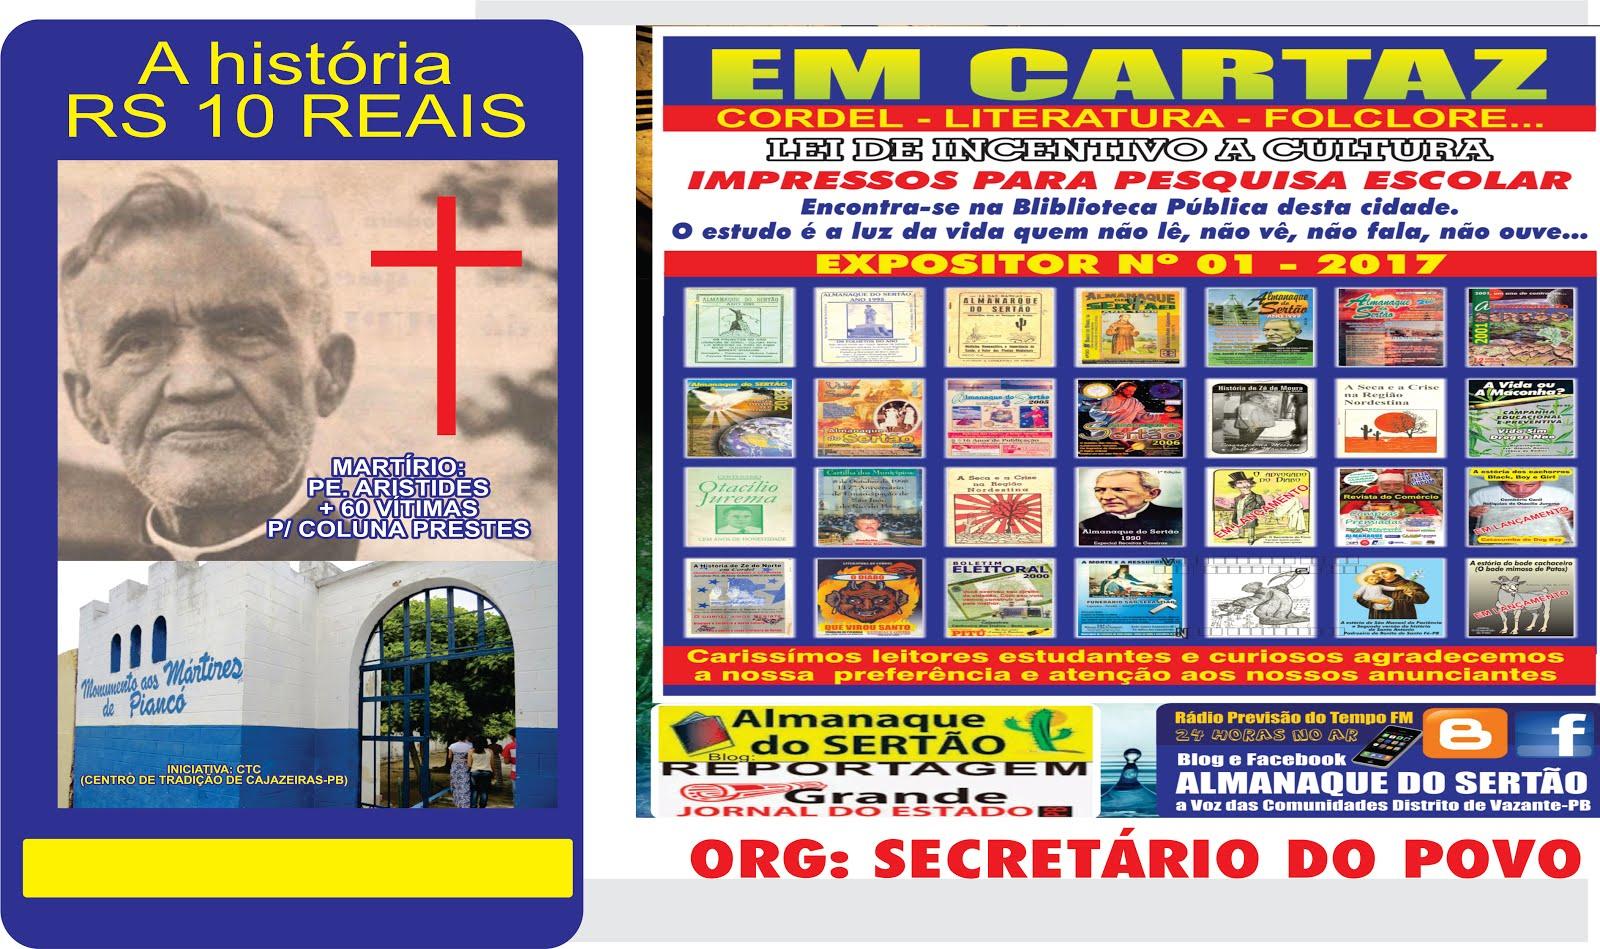 EM LANÇAMENTO DIA  11 12 E  13 O FOLHETO MORTE E PAIXÃO DE PADRE ARISTIDES EM PIANCO PB